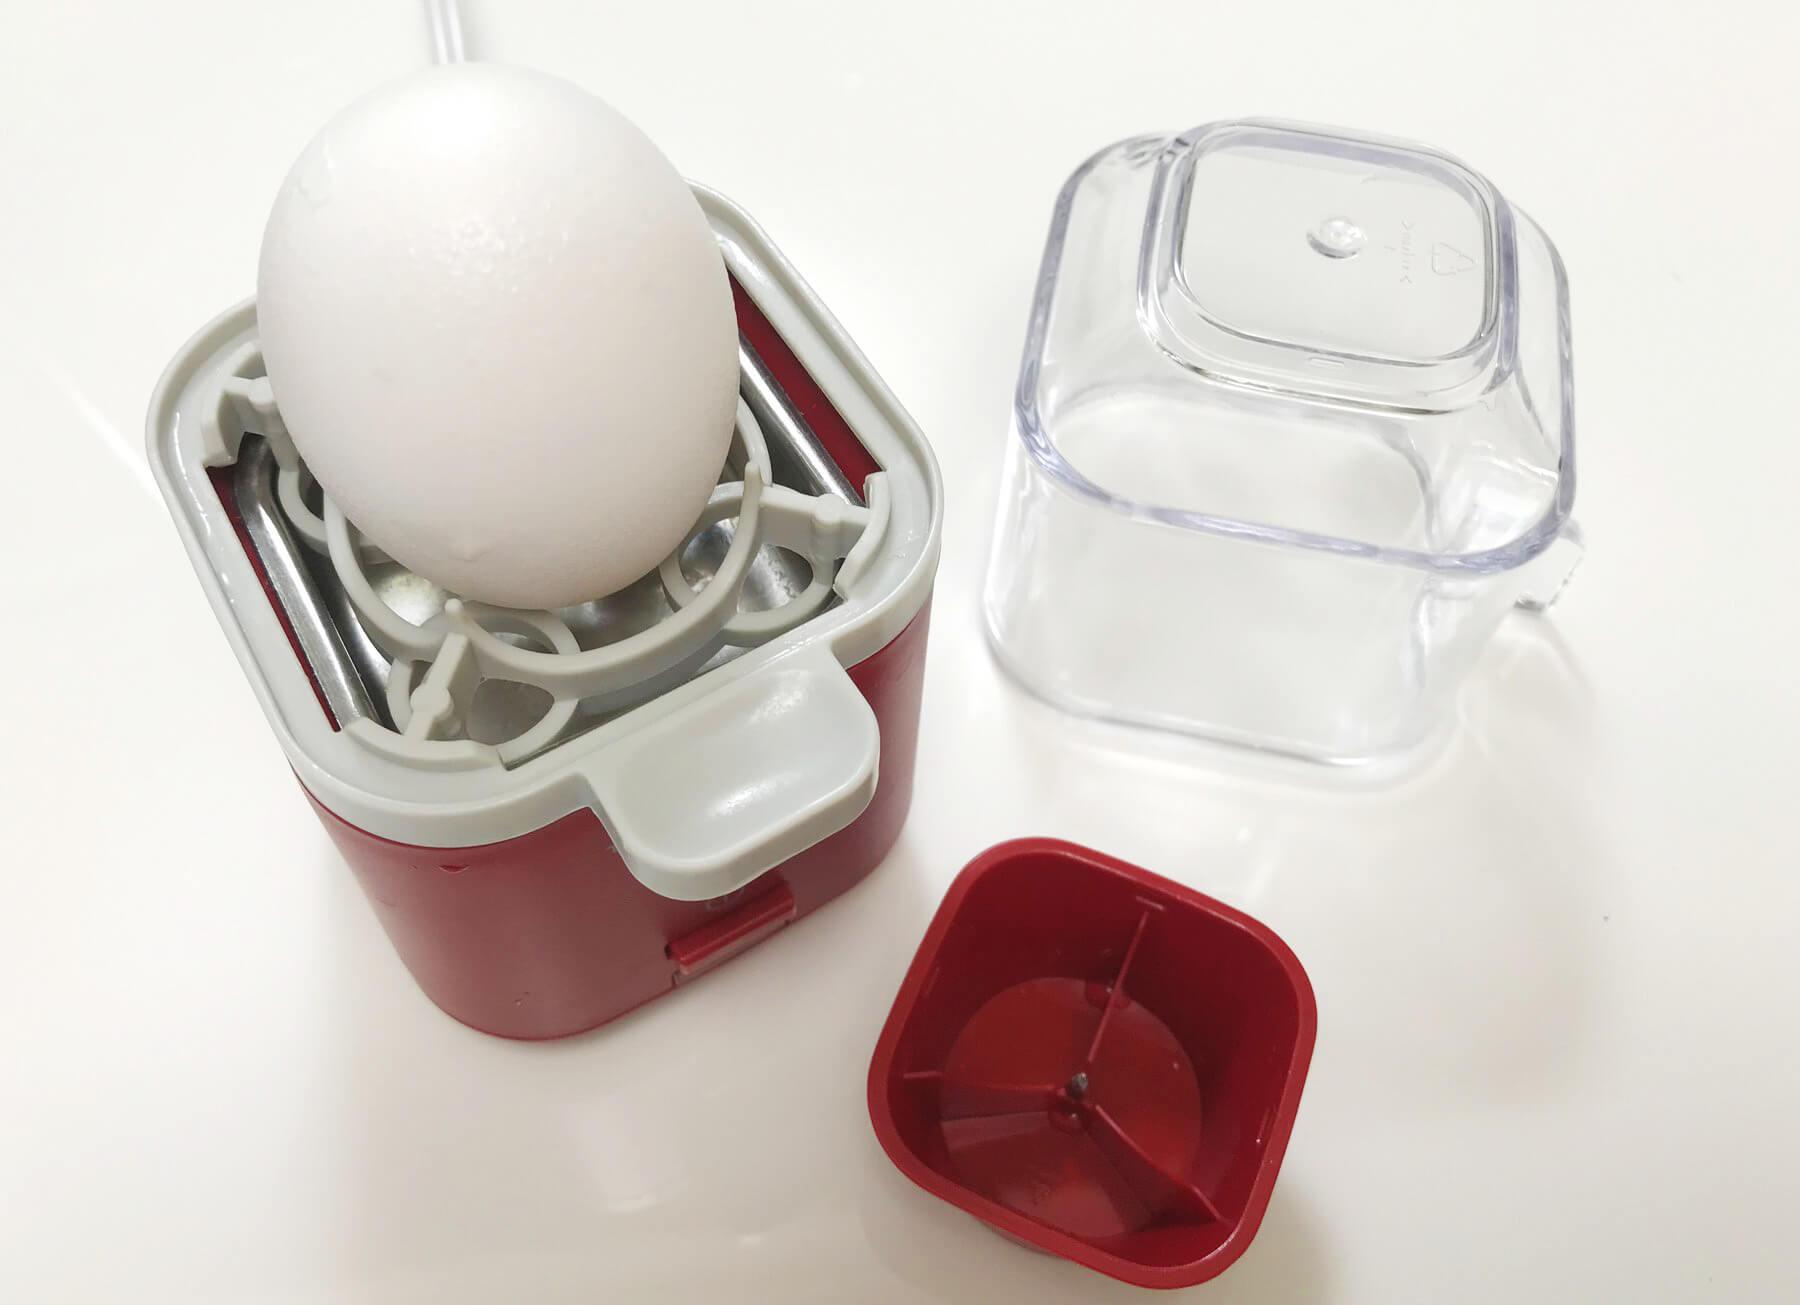 水を入れる本体のほか、卵をのせるリバーシブルトレイ、蒸気口のあるクリアカバー、赤い計量カップが付属しています